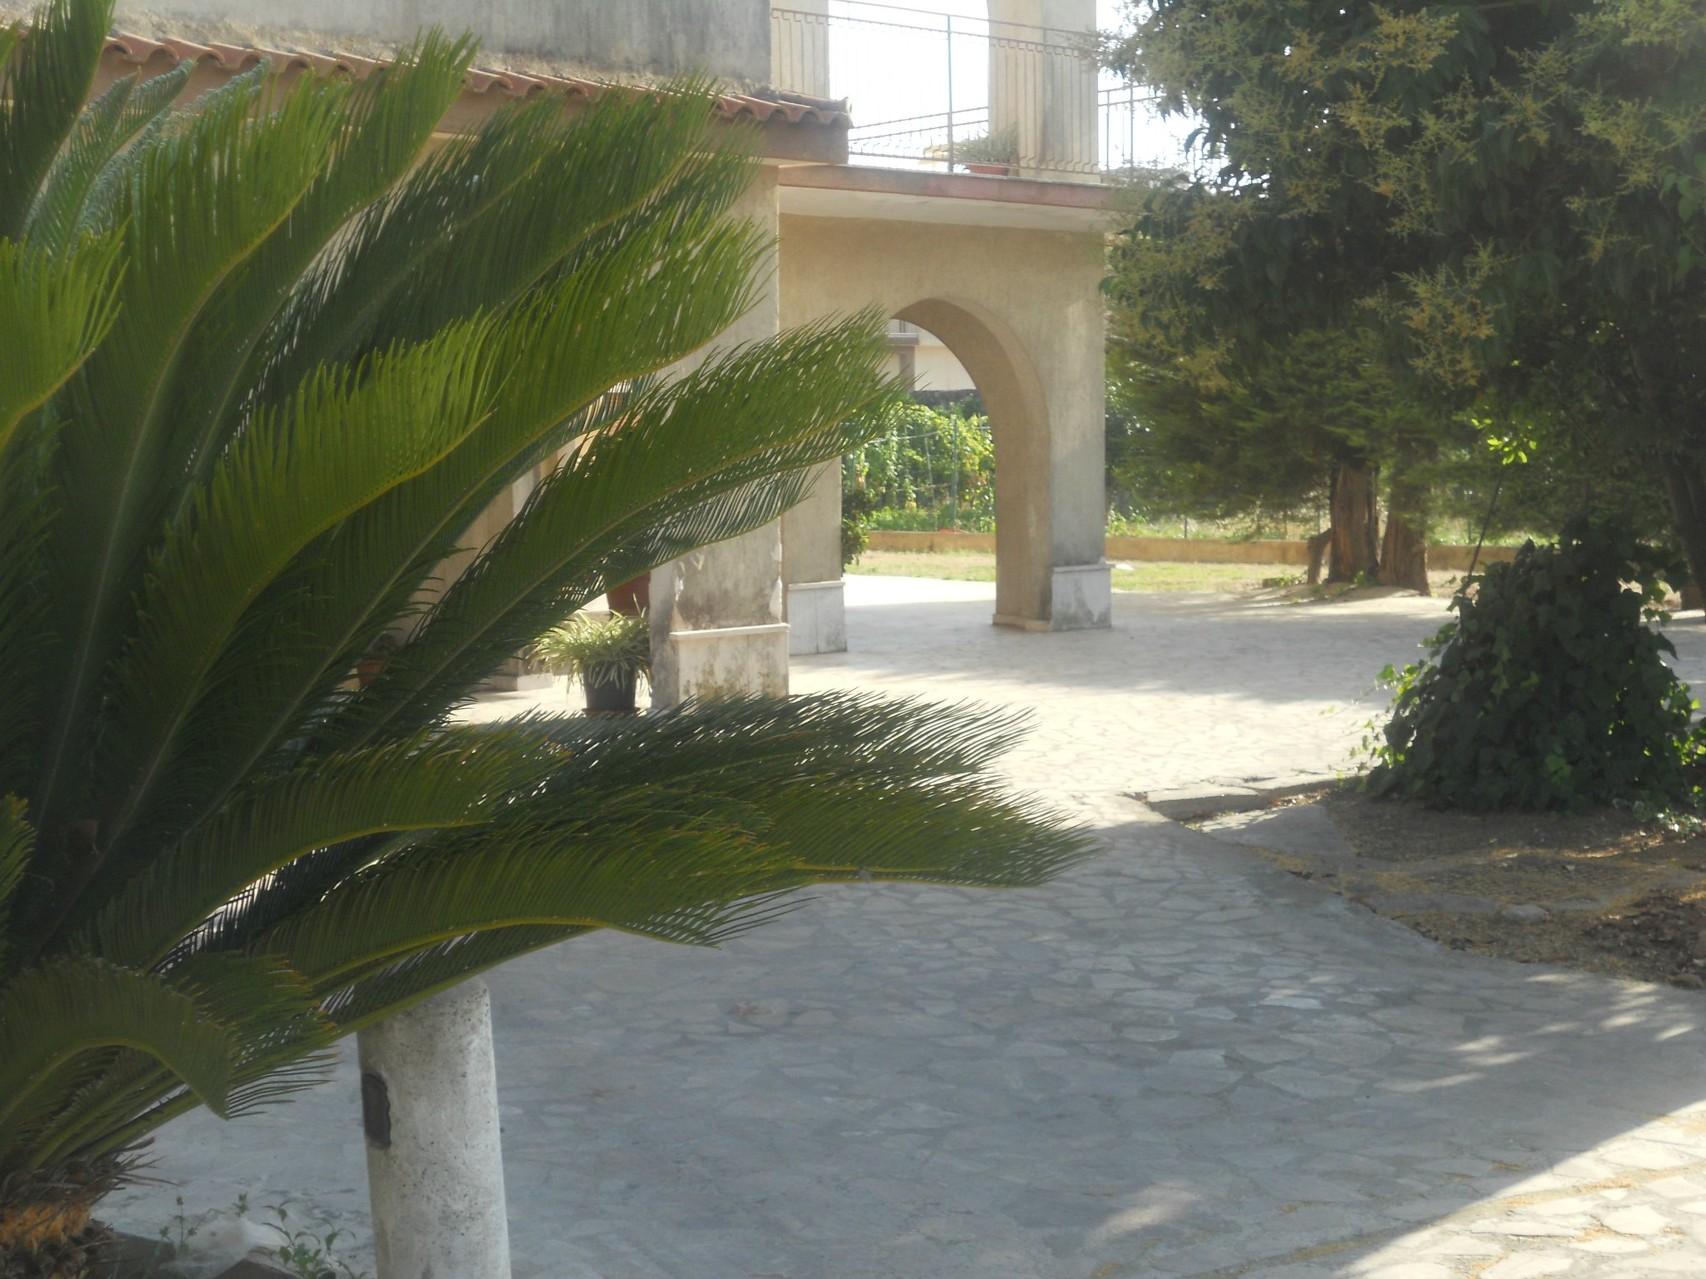 Scorcio del portico d'entrata e del giardino.